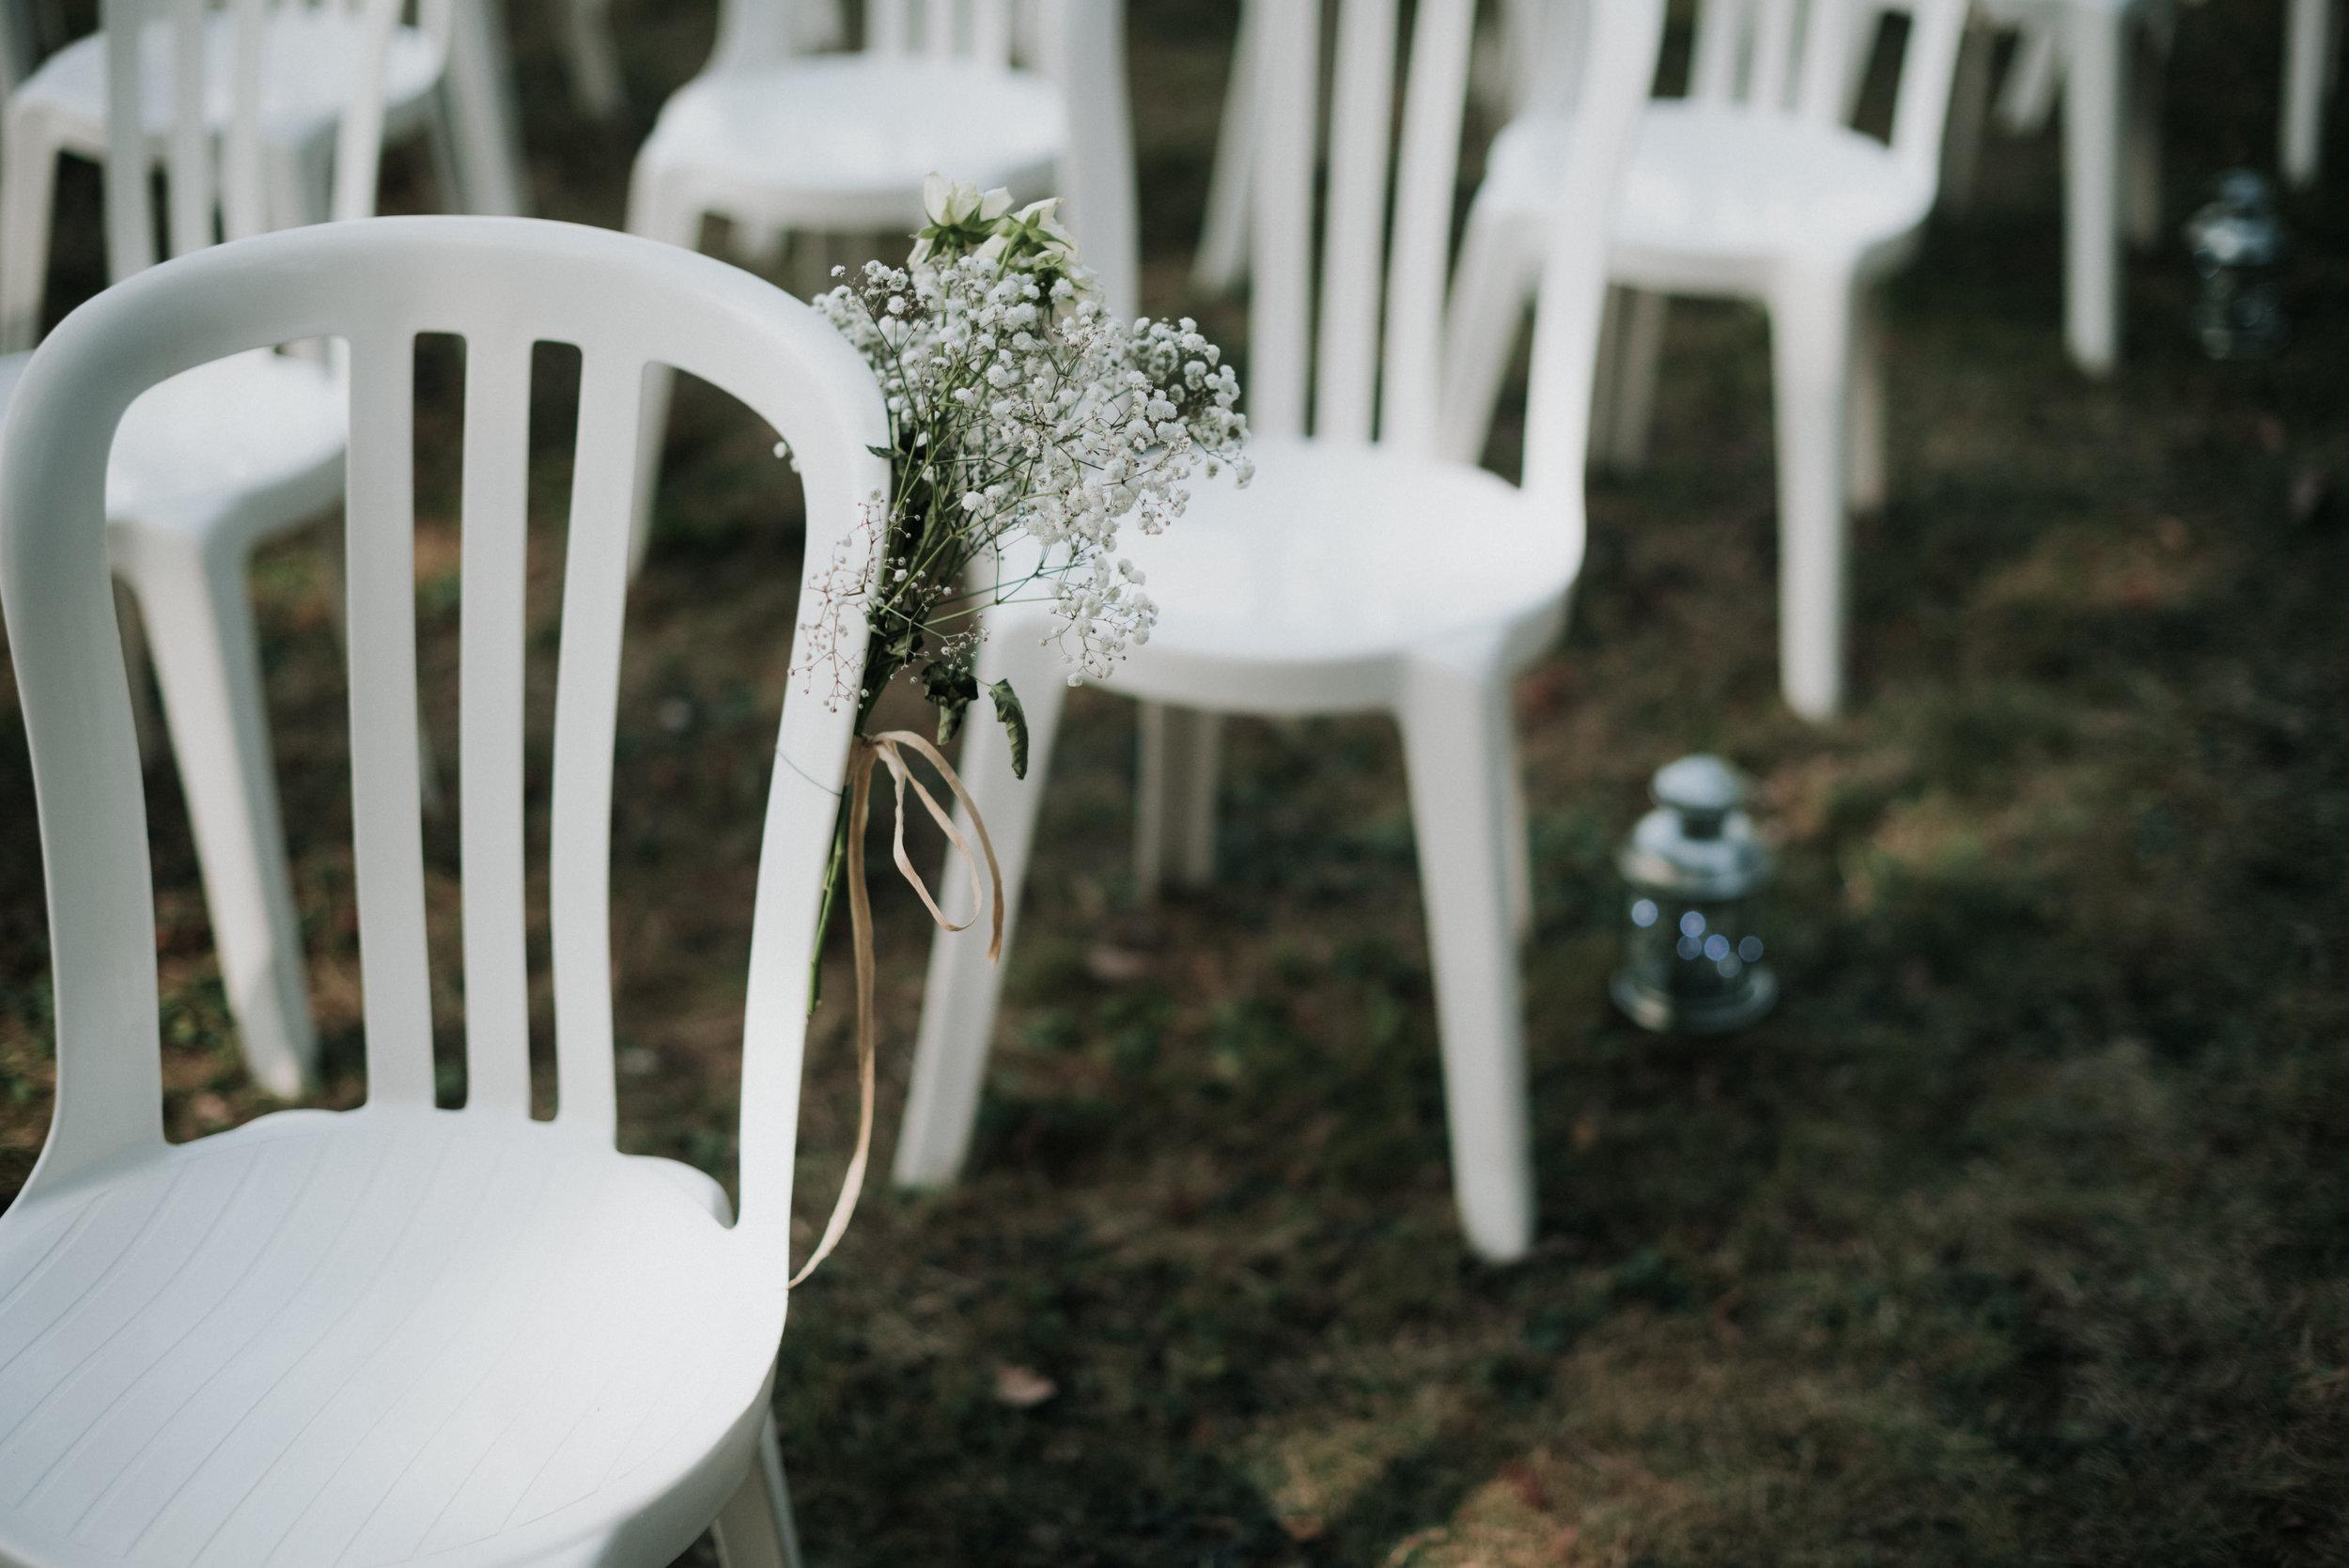 Léa-Fery-photographe-professionnel-lyon-rhone-alpes-portrait-creation-mariage-evenement-evenementiel-famille-8527.jpg